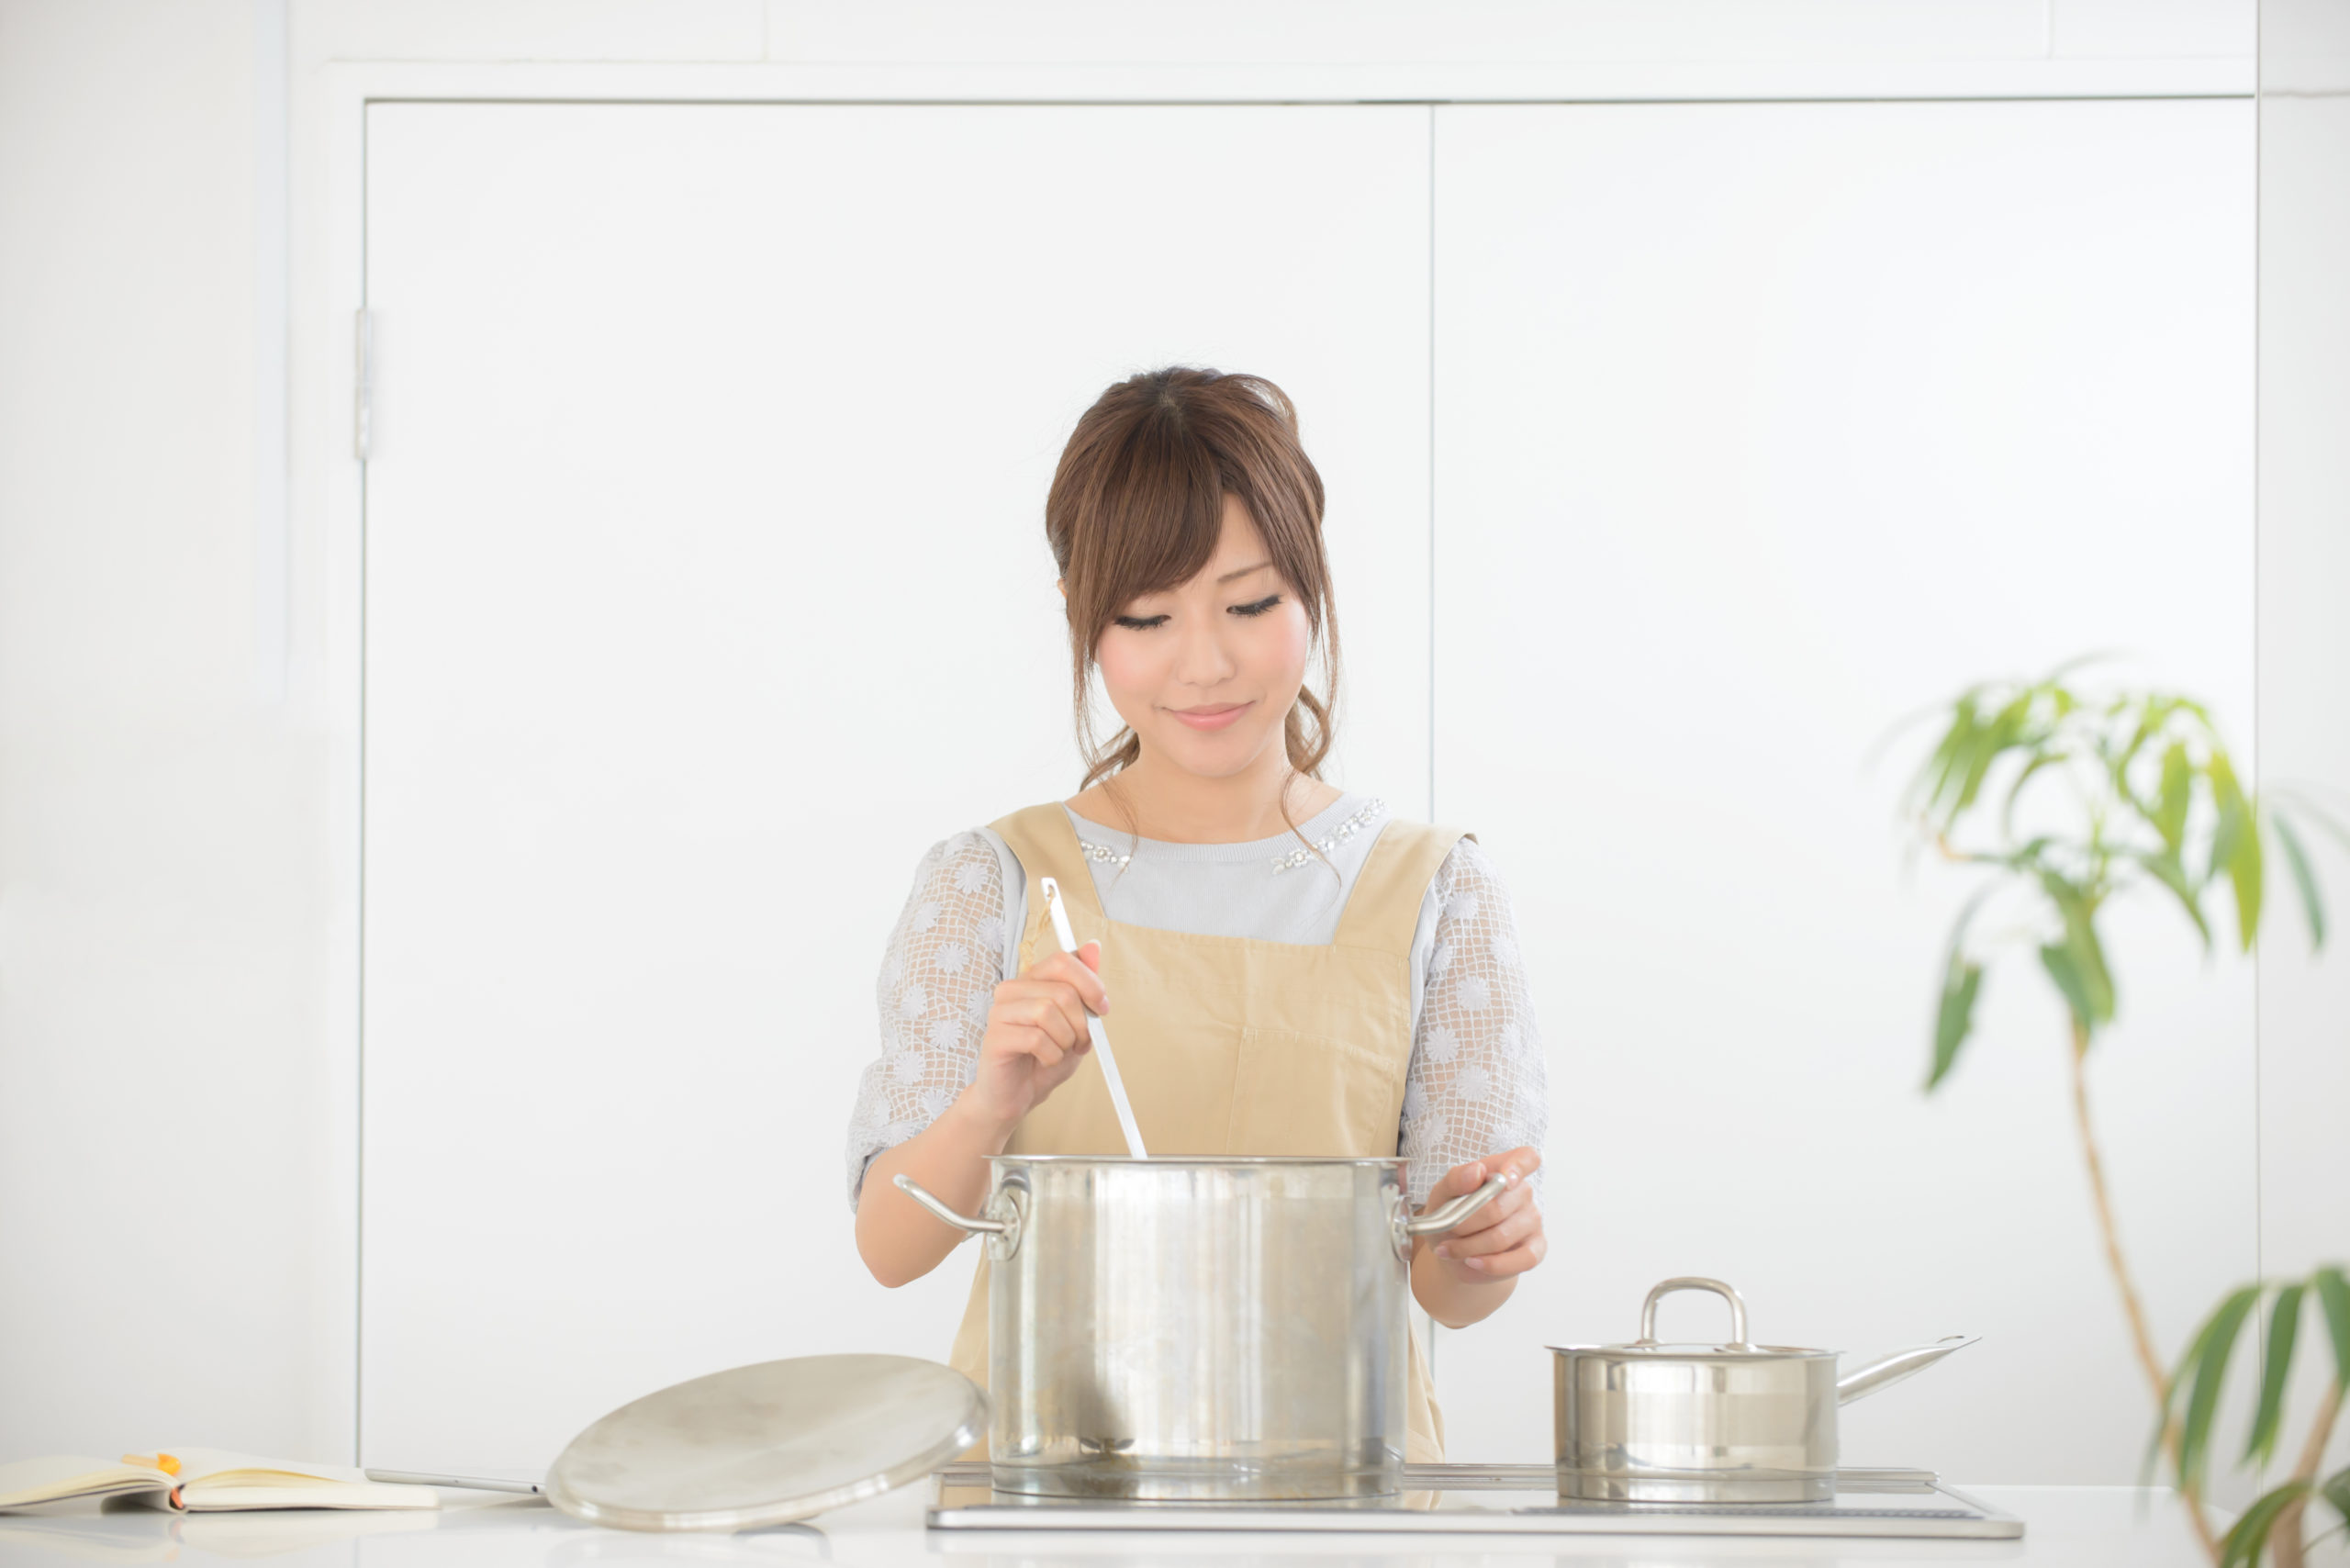 キッチン心理カウンセラー資格通信教育の評判口コミ